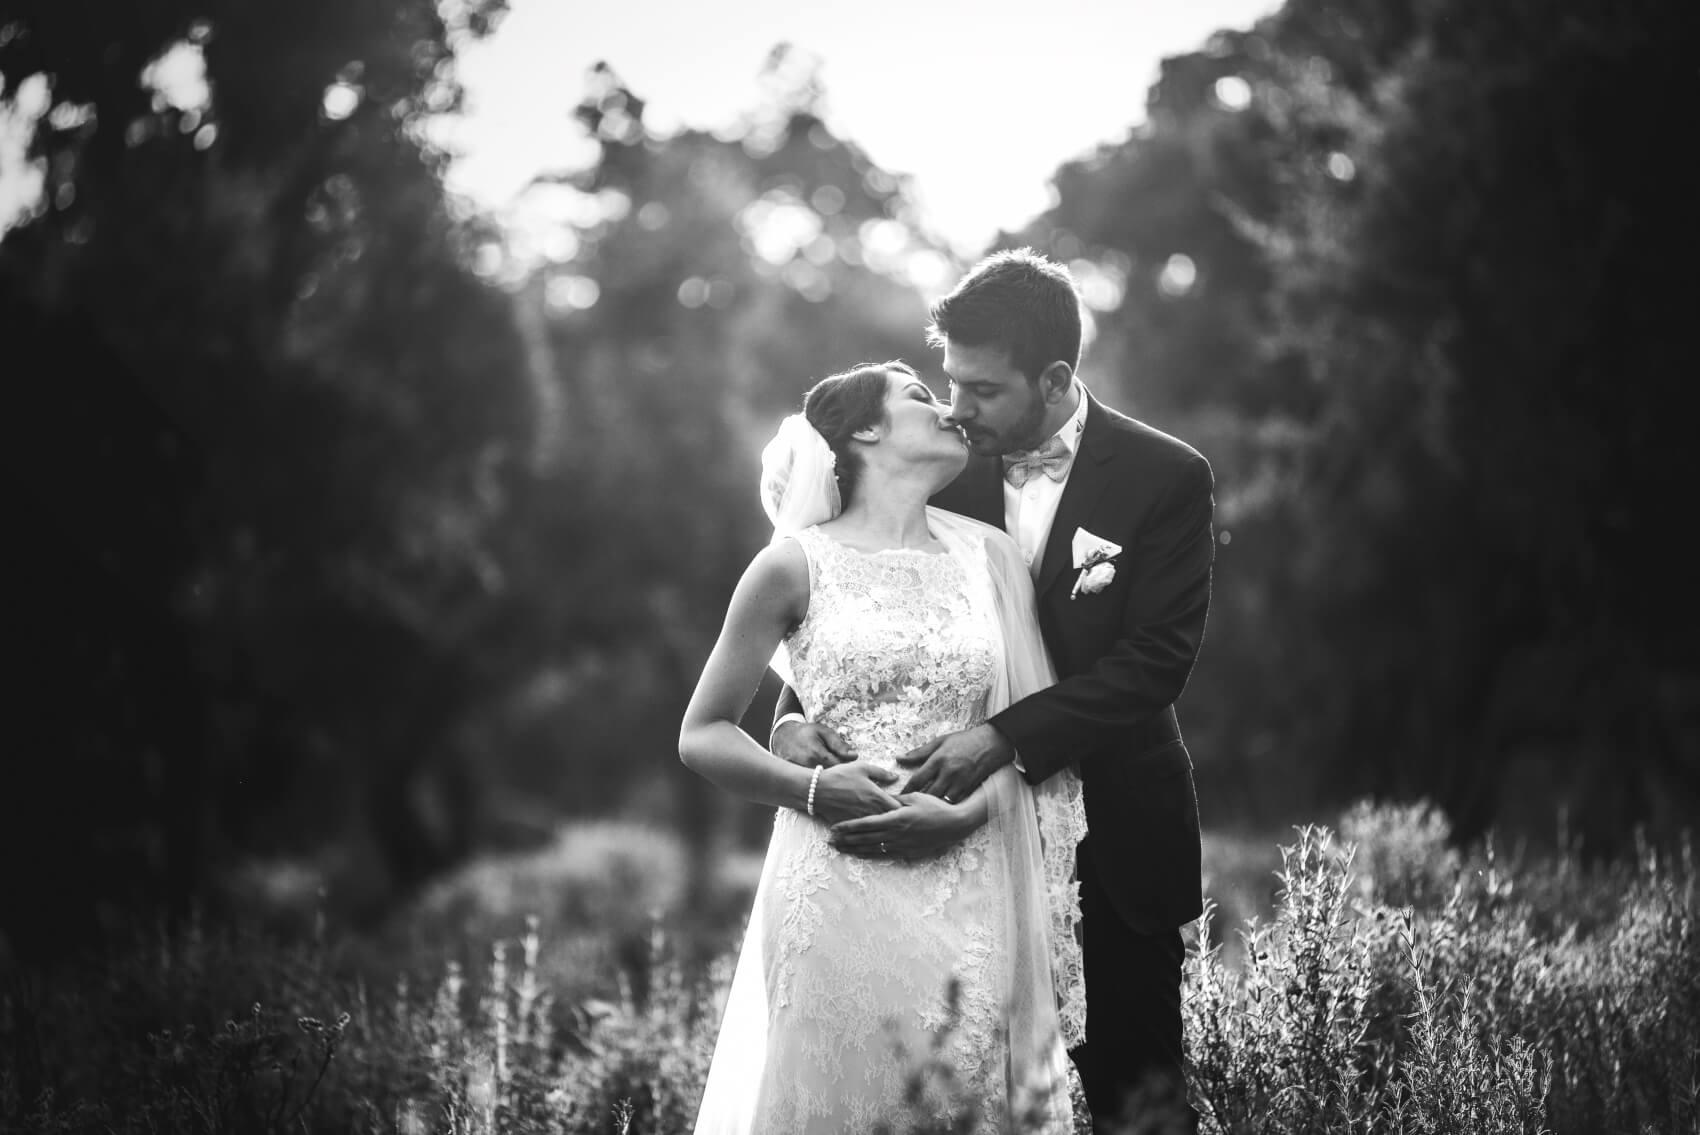 Inquadratura di primo piano sugli sposi. Elena e Marco sposi a Pattada, Sassari. Beniamino Lai, Fotografo professionista di Matrimonio in Sardegna.